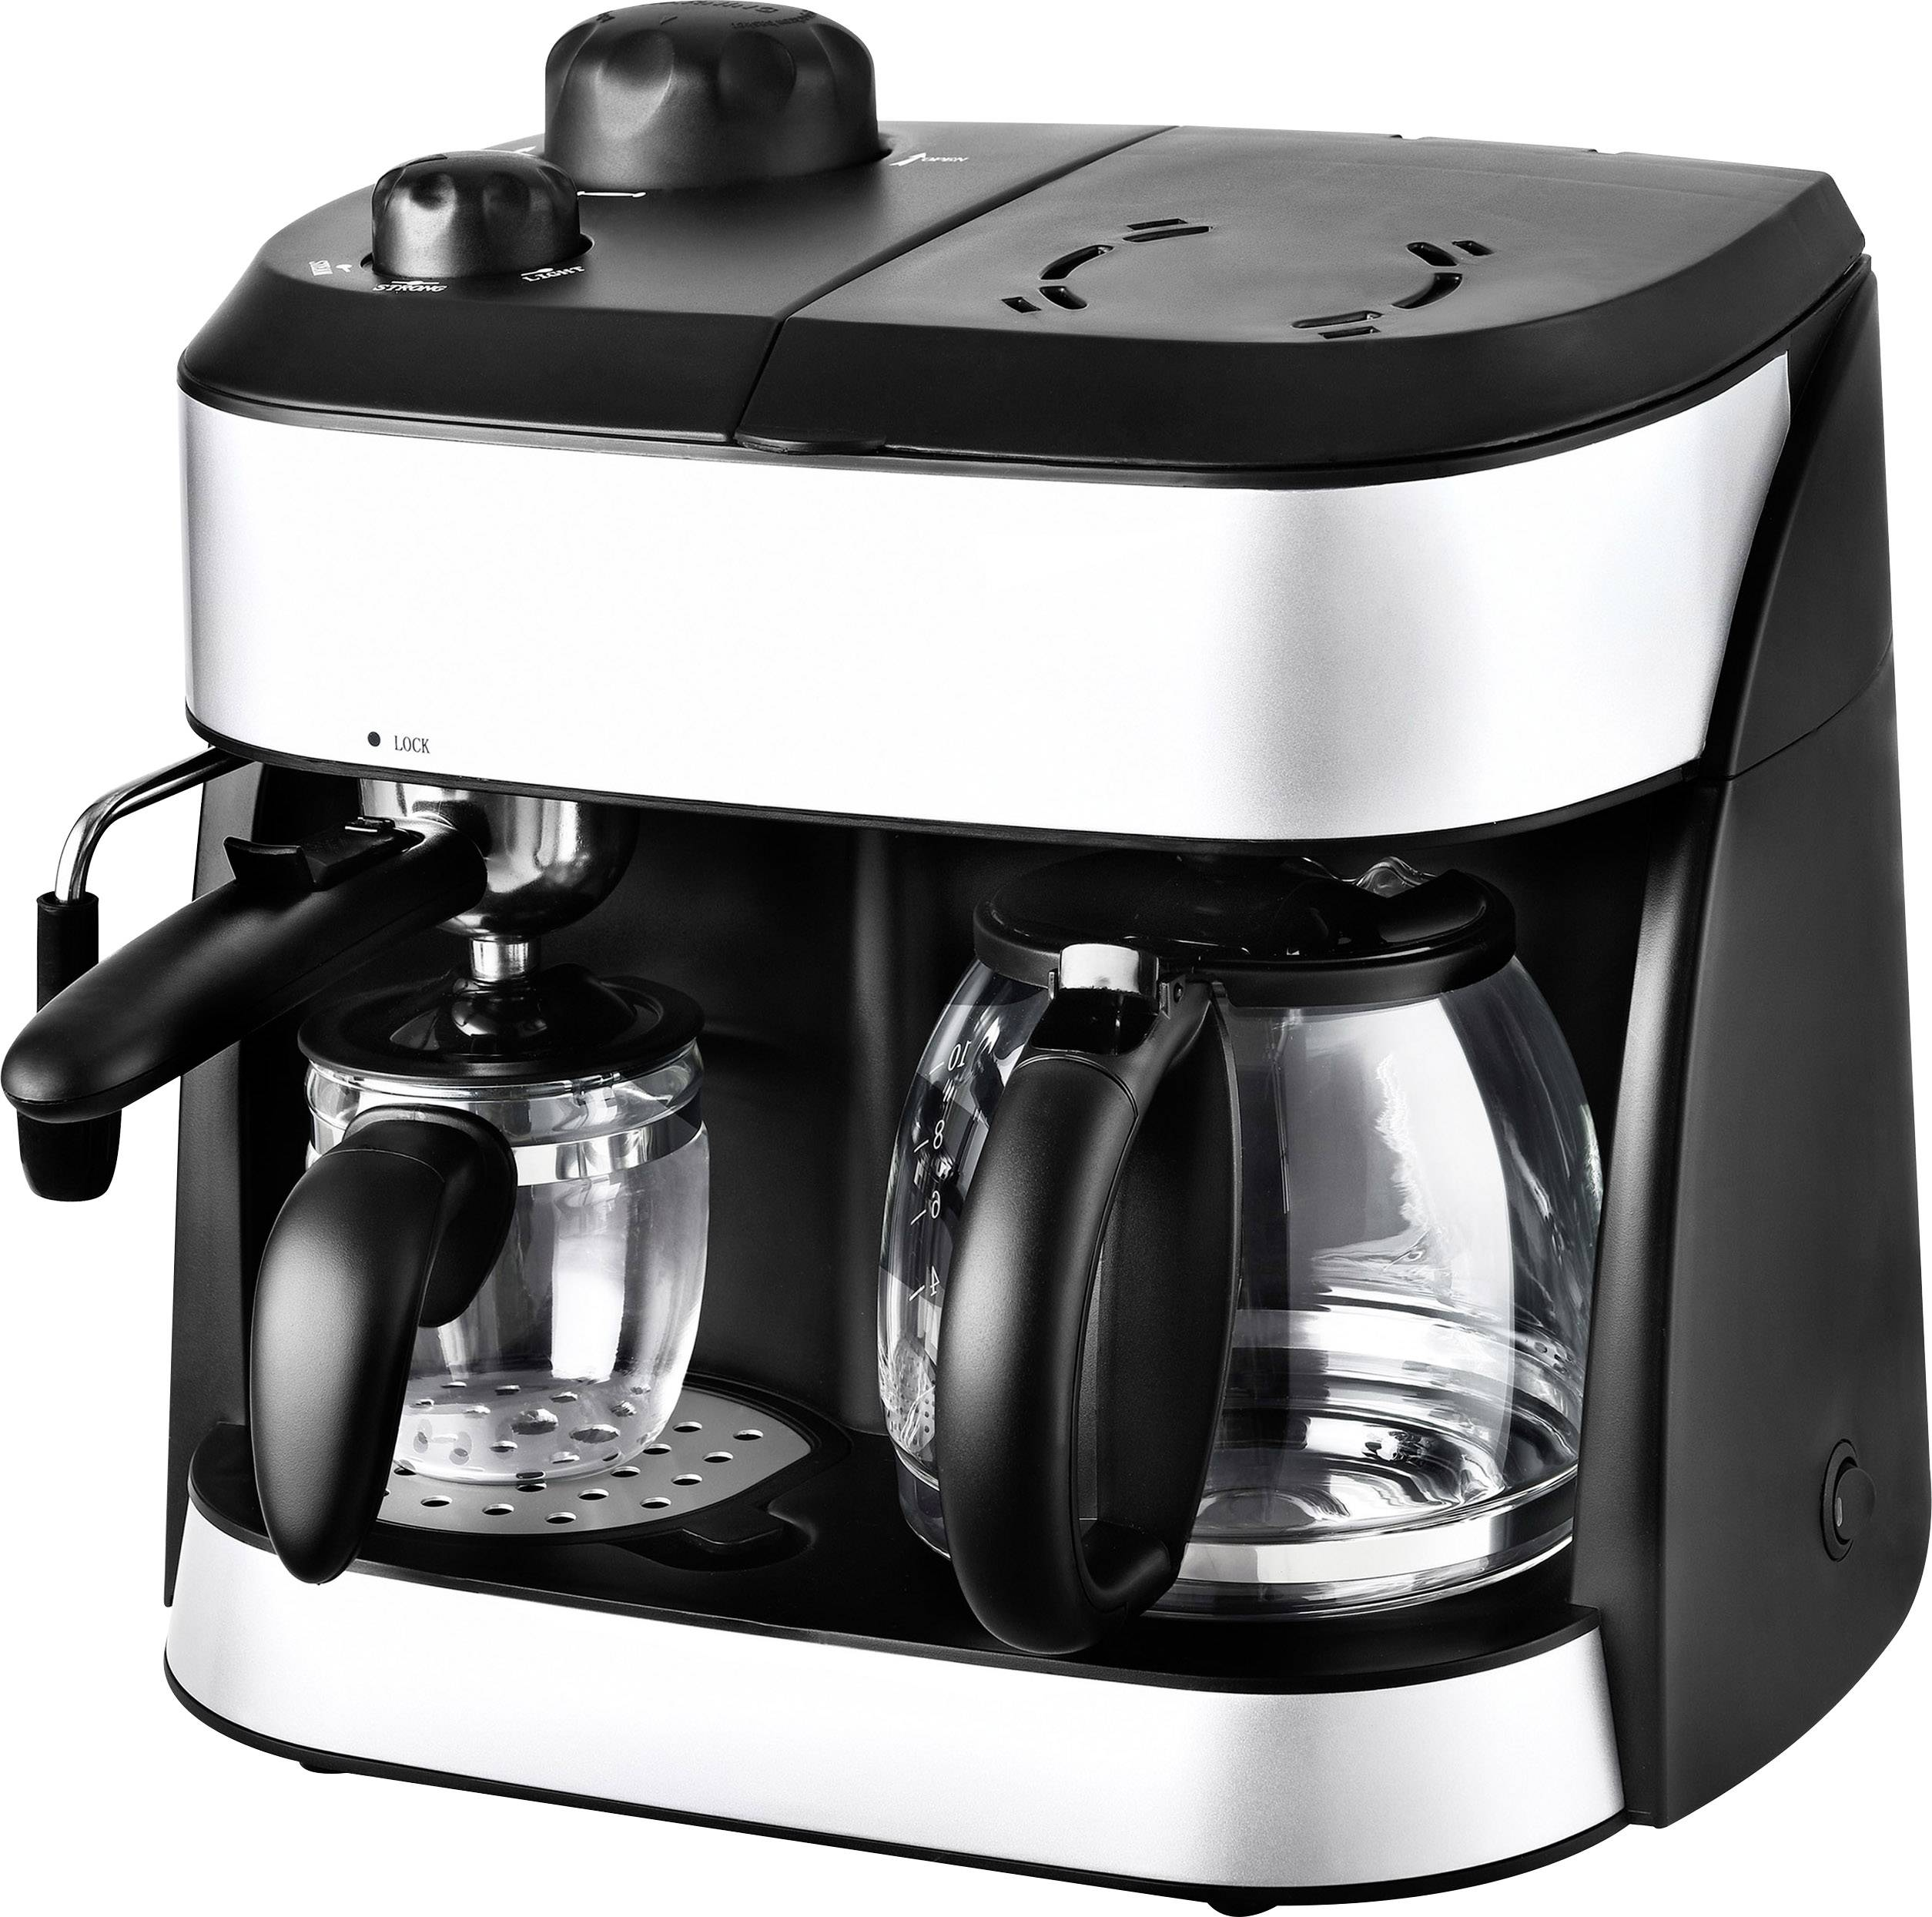 TKG Team Kalorik TKG EXP 1001 C Dubbel koffiezetapparaat Zwart Capaciteit koppen: 10 Glazen kan, Met drukzetsysteem, Me